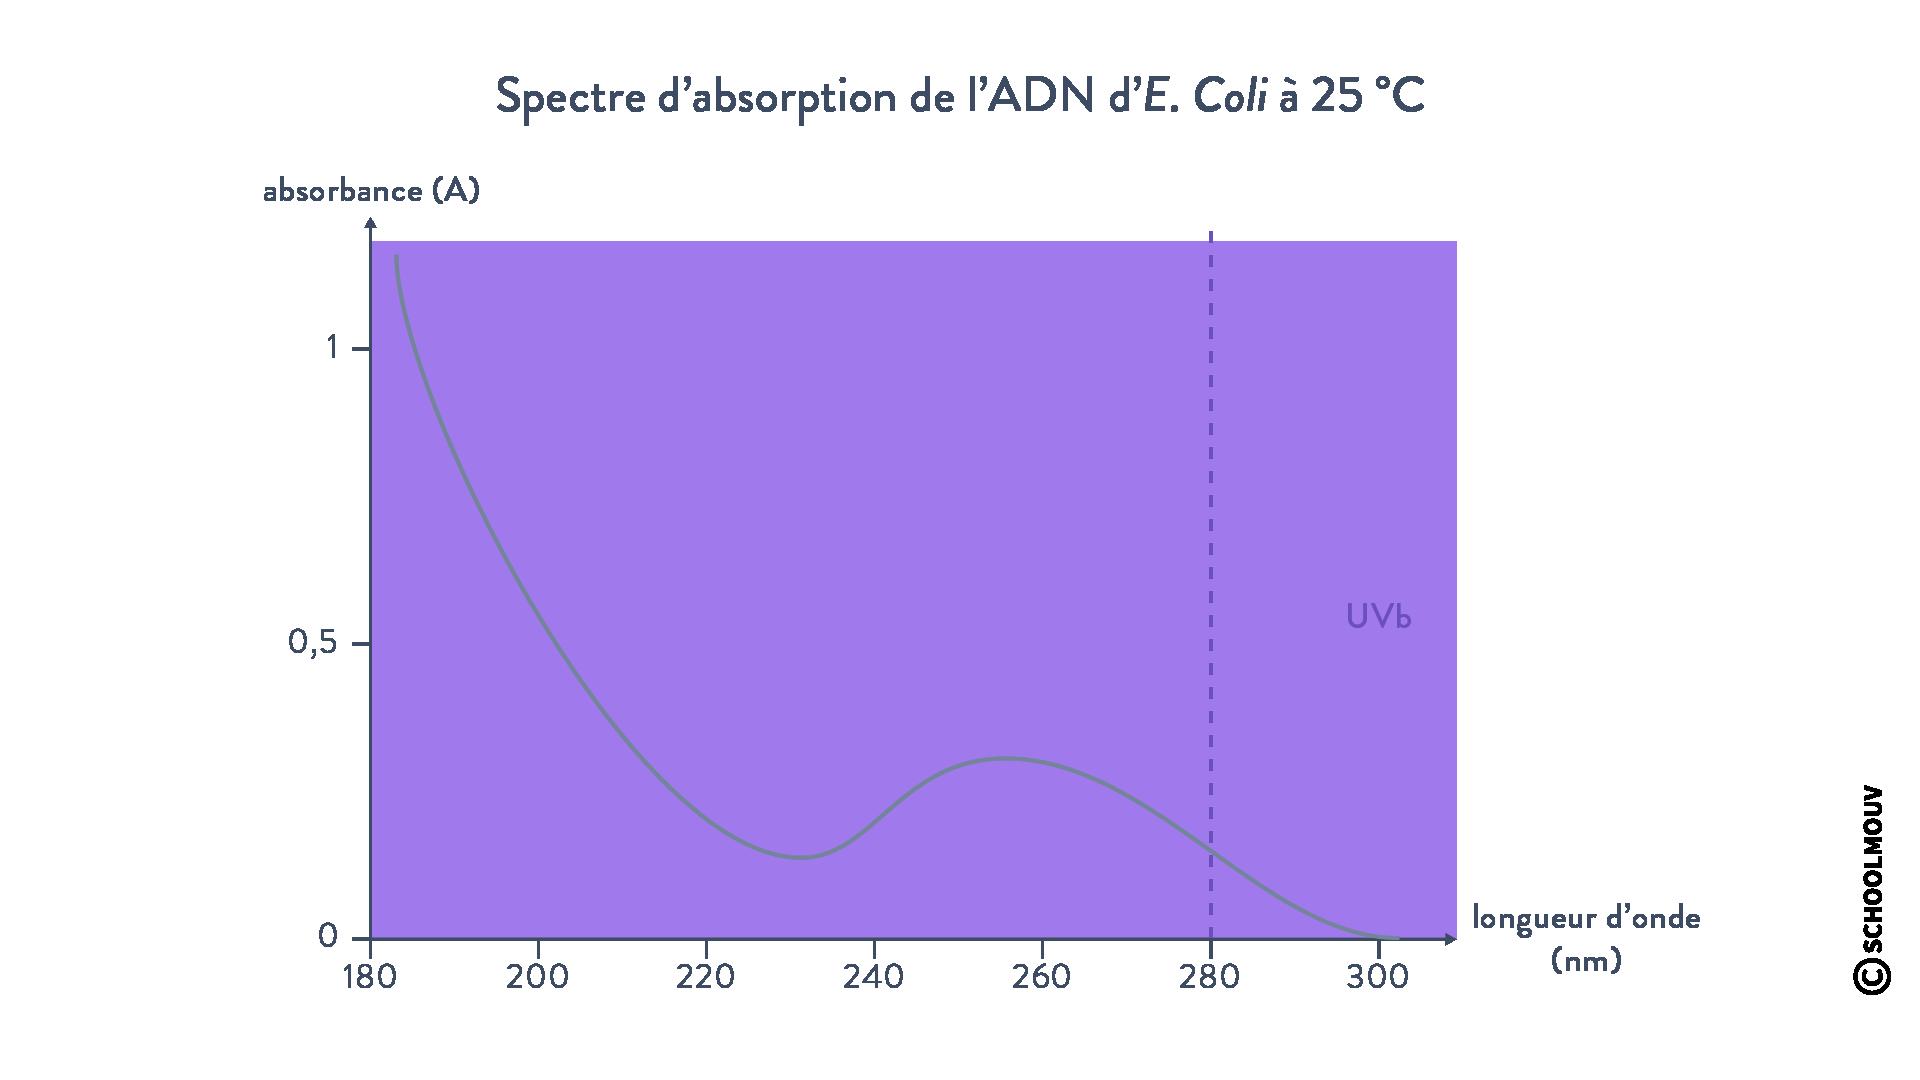 Spectre d'absorption de l'ADN d'E. coli